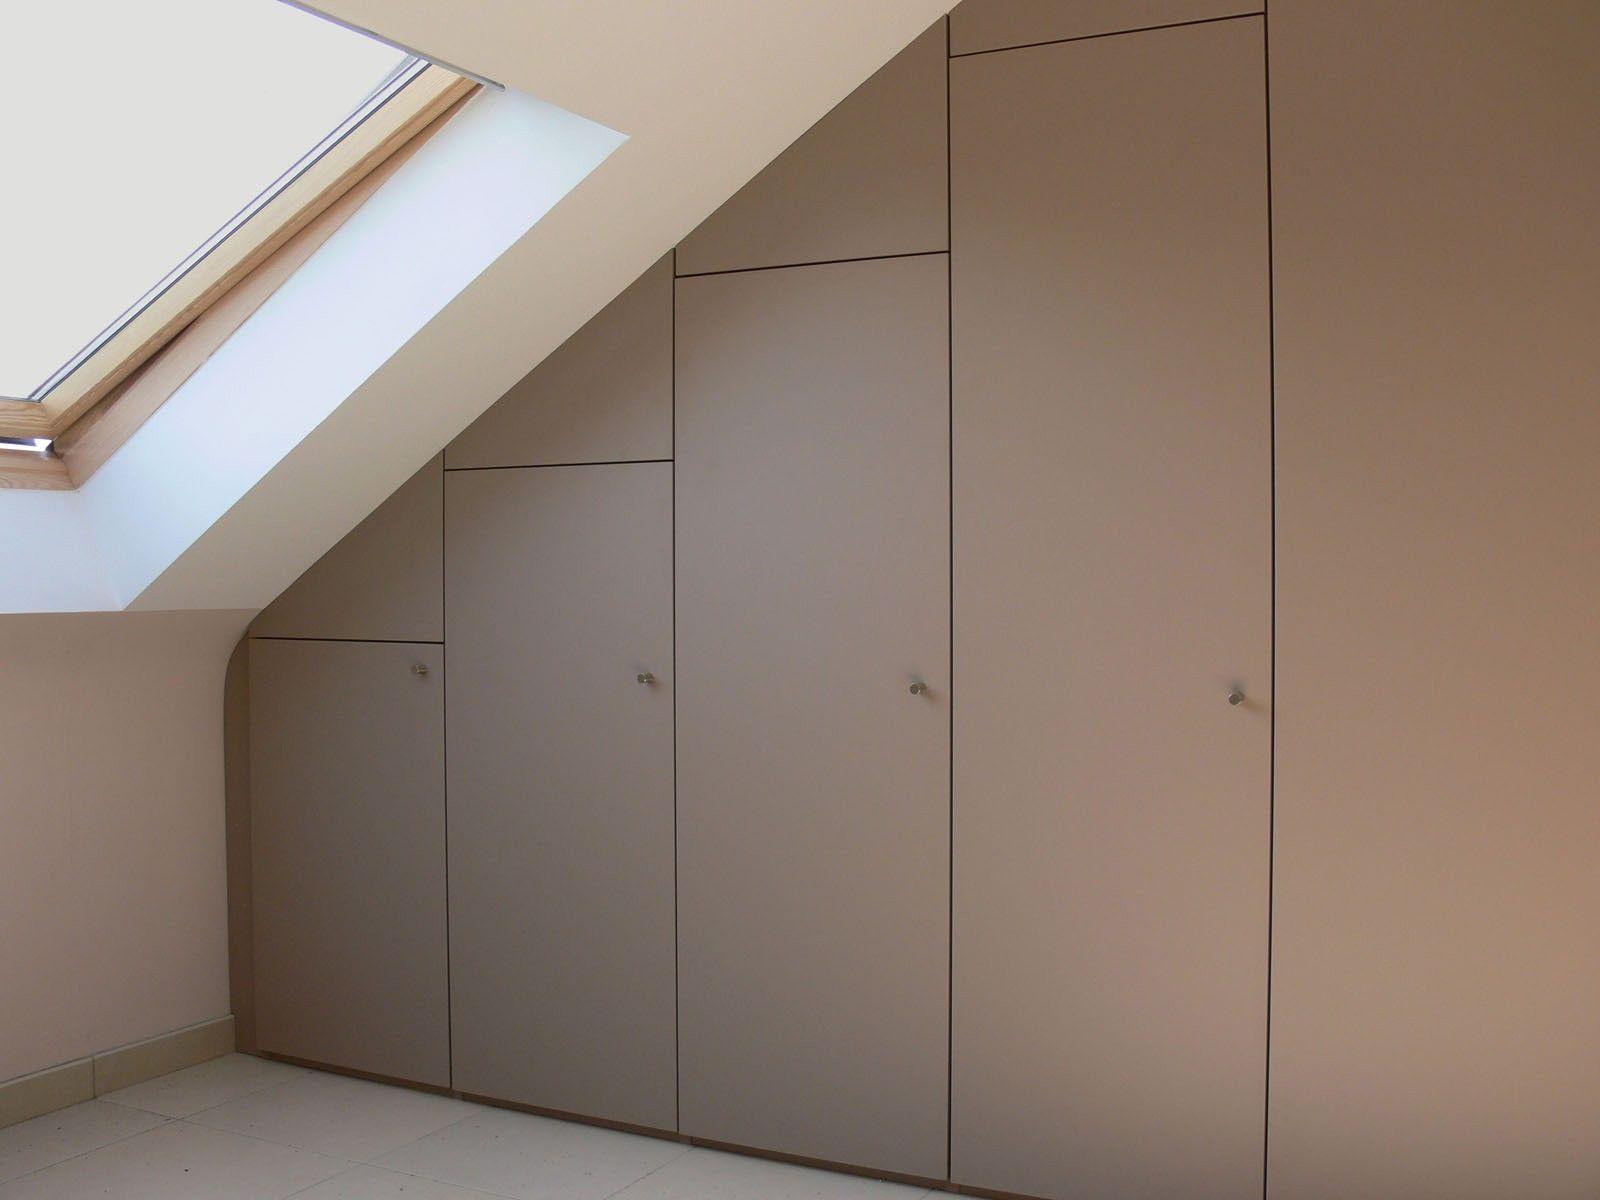 Realisaties van Slaapkamer in Maatkast met draaideuren onder schuin dak